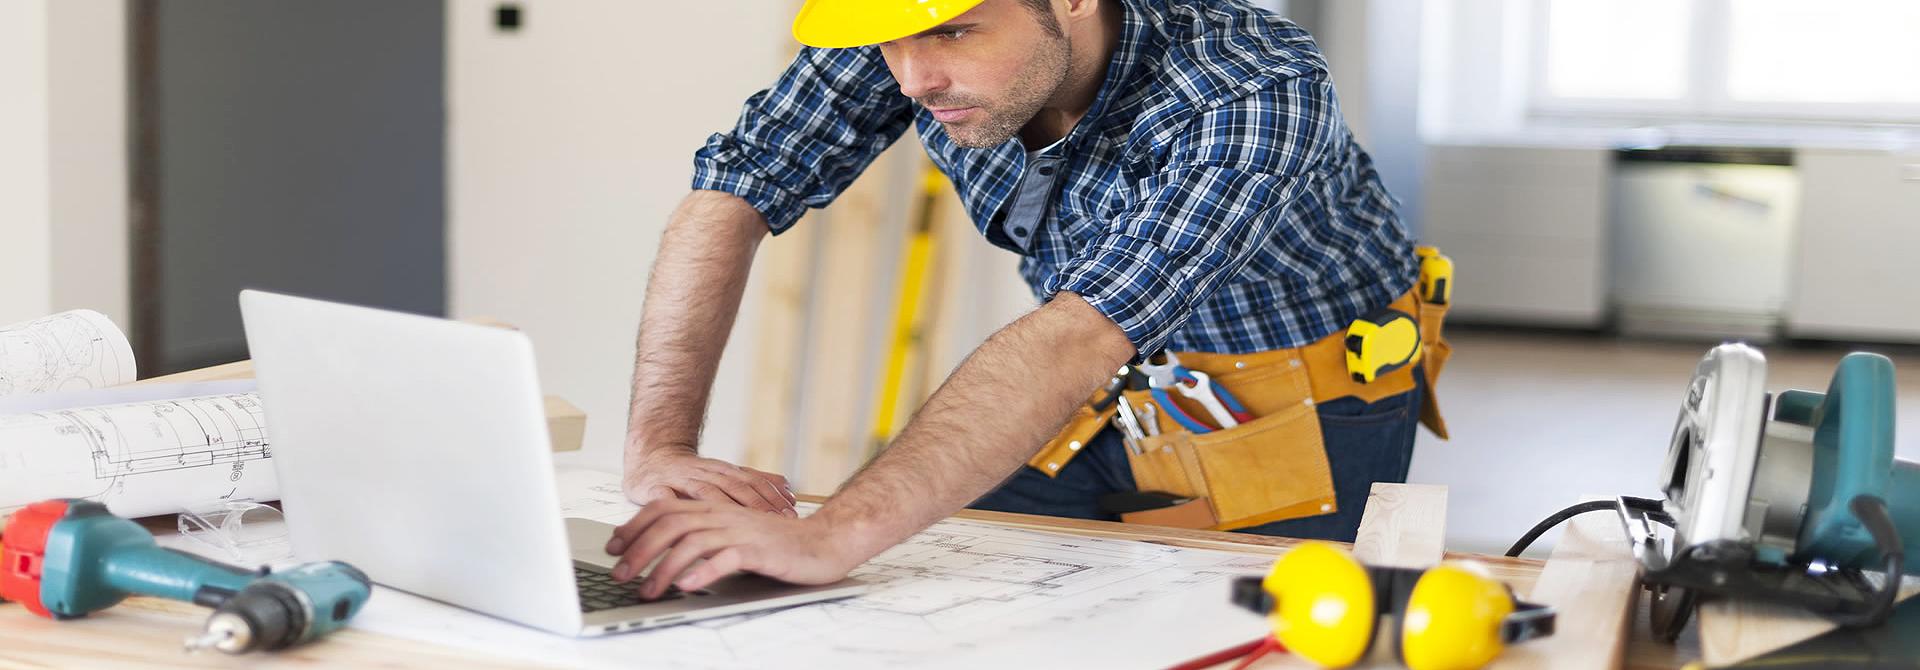 Планиране и извършване на жилищни ремонти